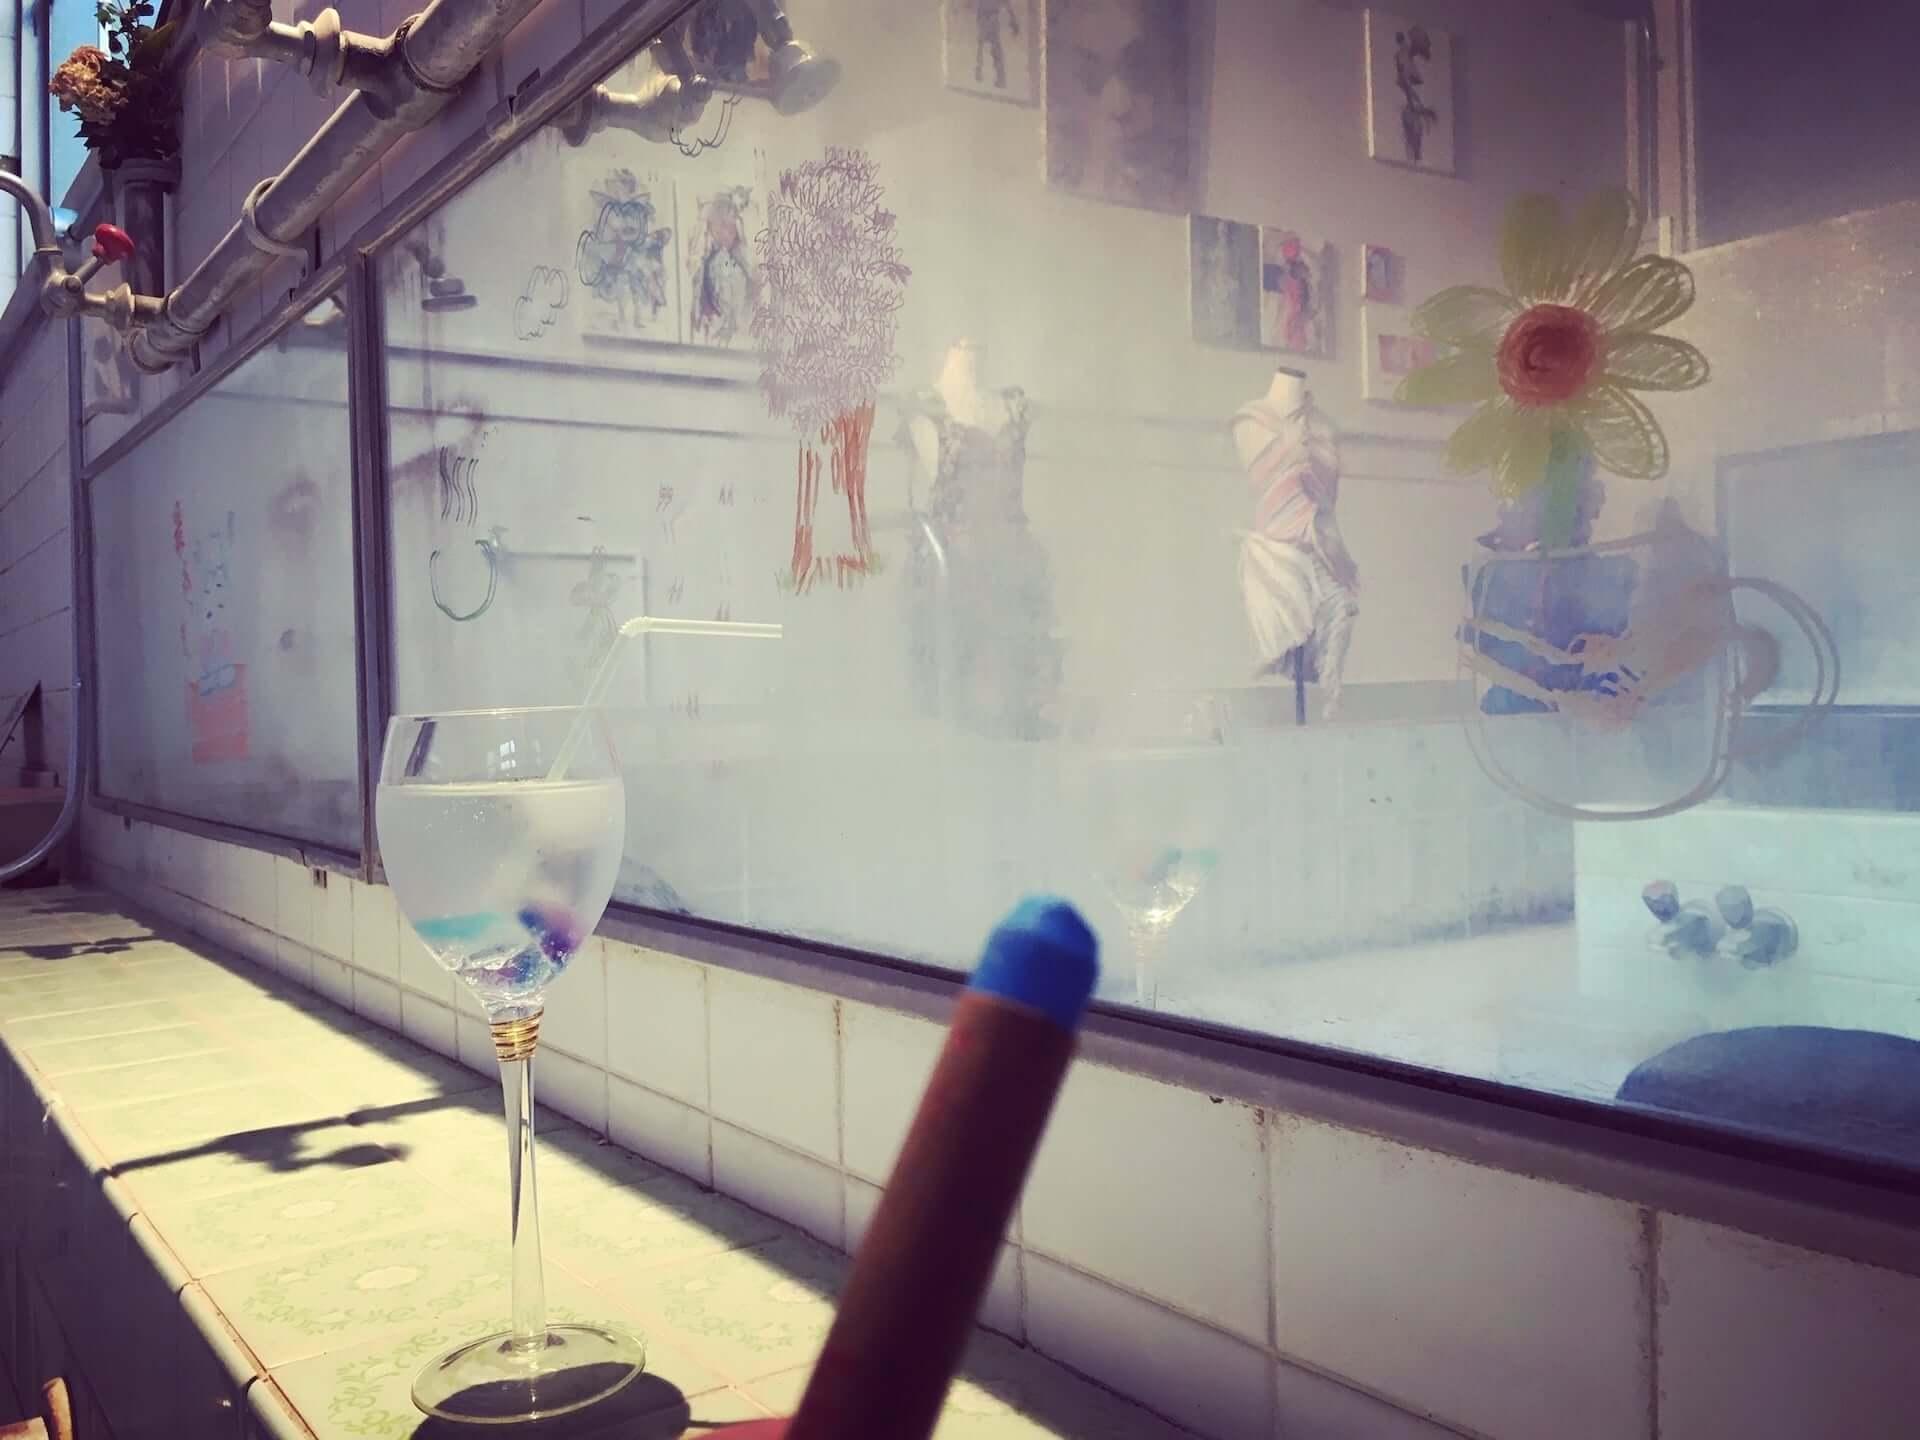 銭湯を改装した異空間!アートとカフェが一体となった「芸術銭湯+Café 宮の湯」が根津にオープン art200602_cafe_miyanoyu_5-1920x1440